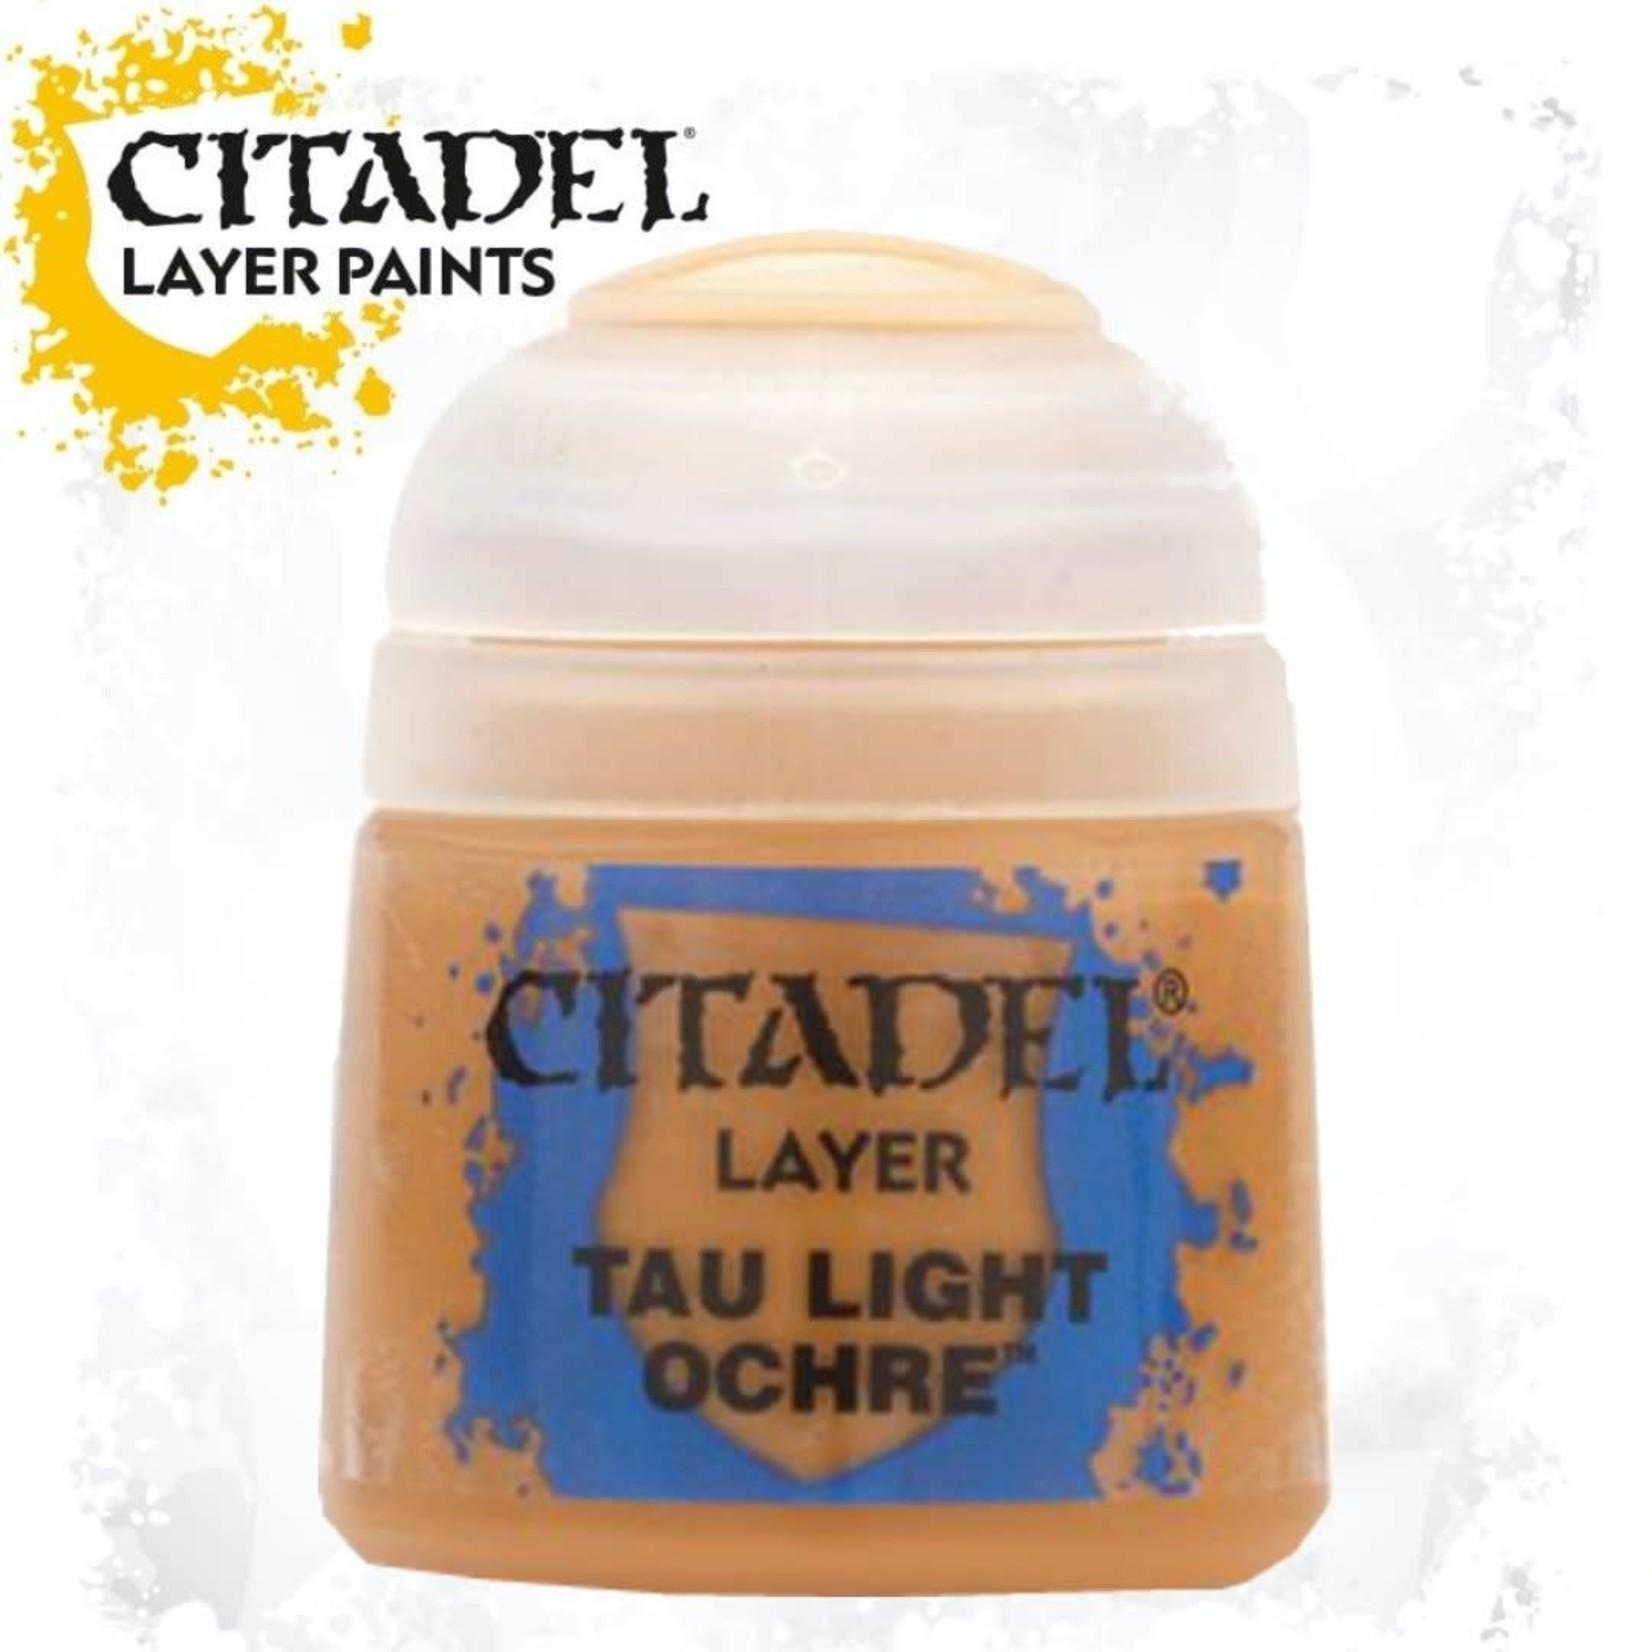 Citadel Citadel Paint - Layer: Tau Light Ochre